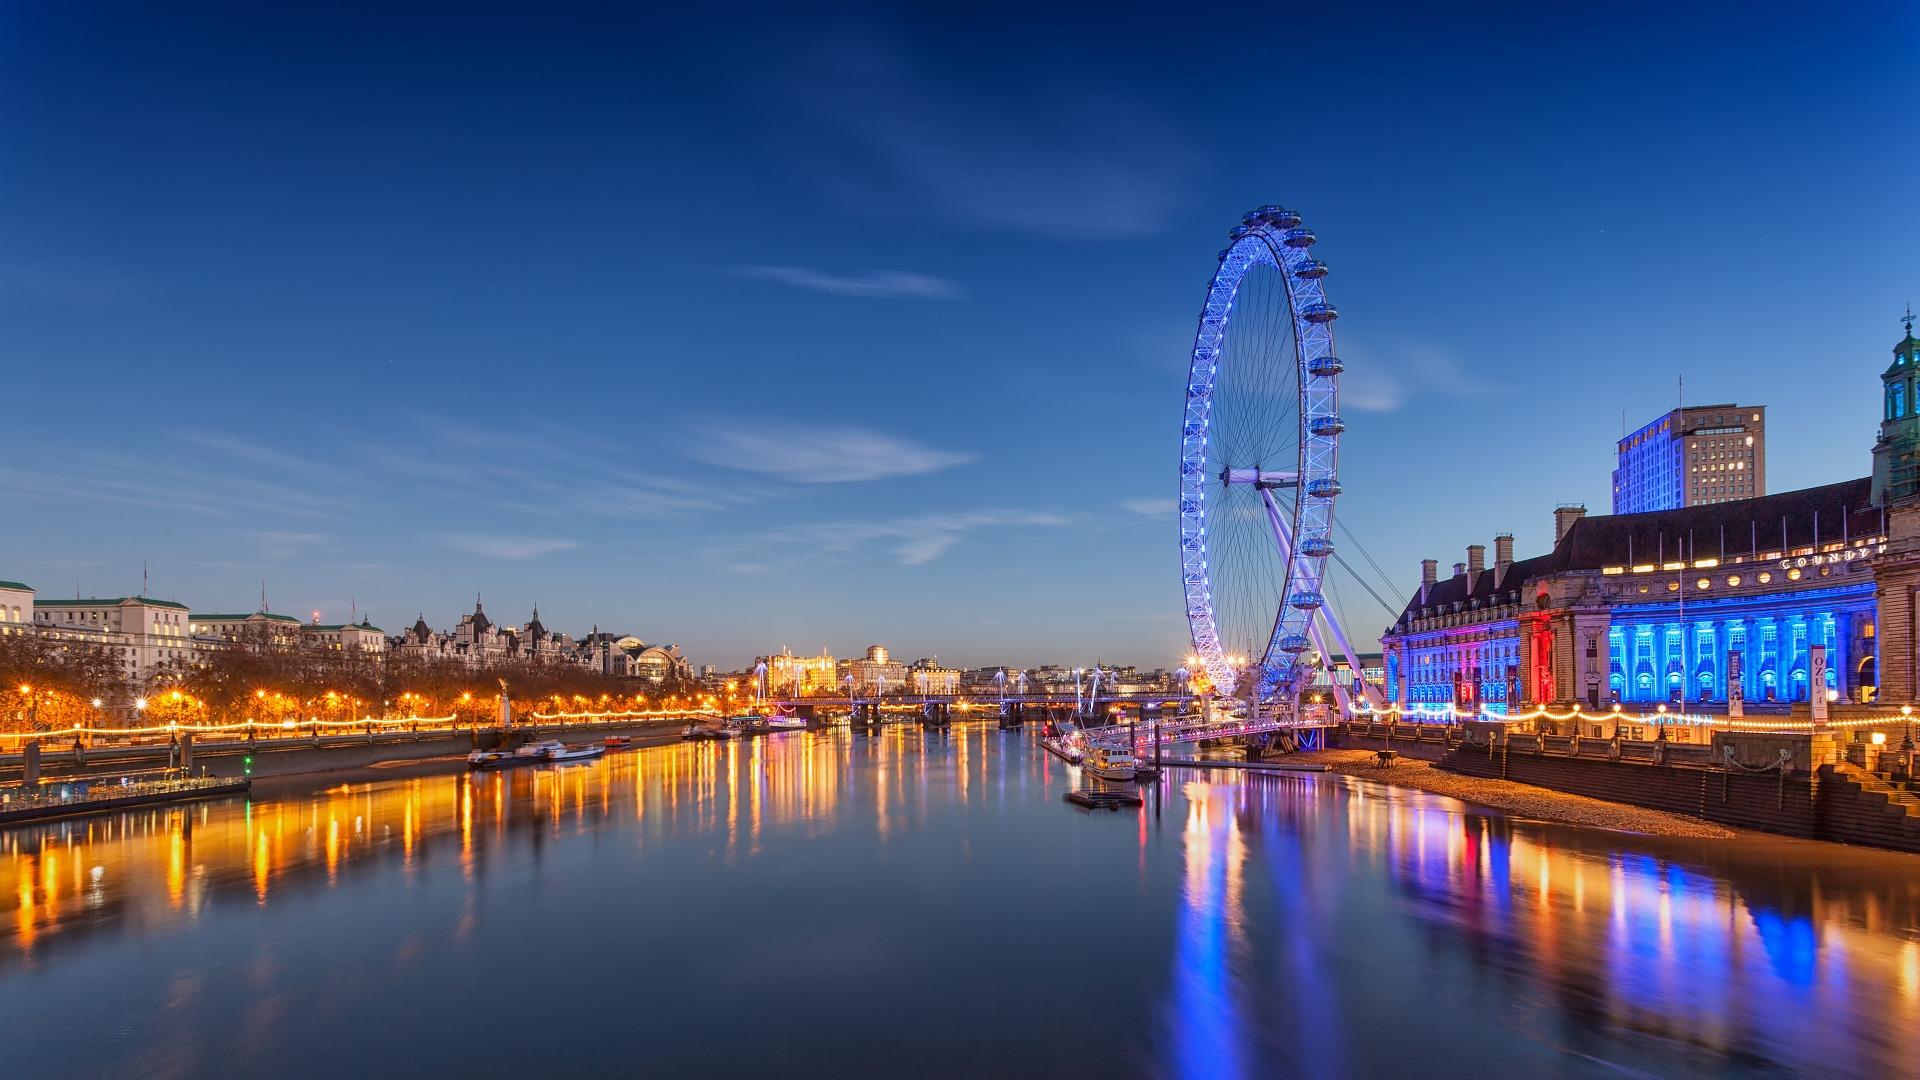 Ingiltere Şehirler - Londra london eye